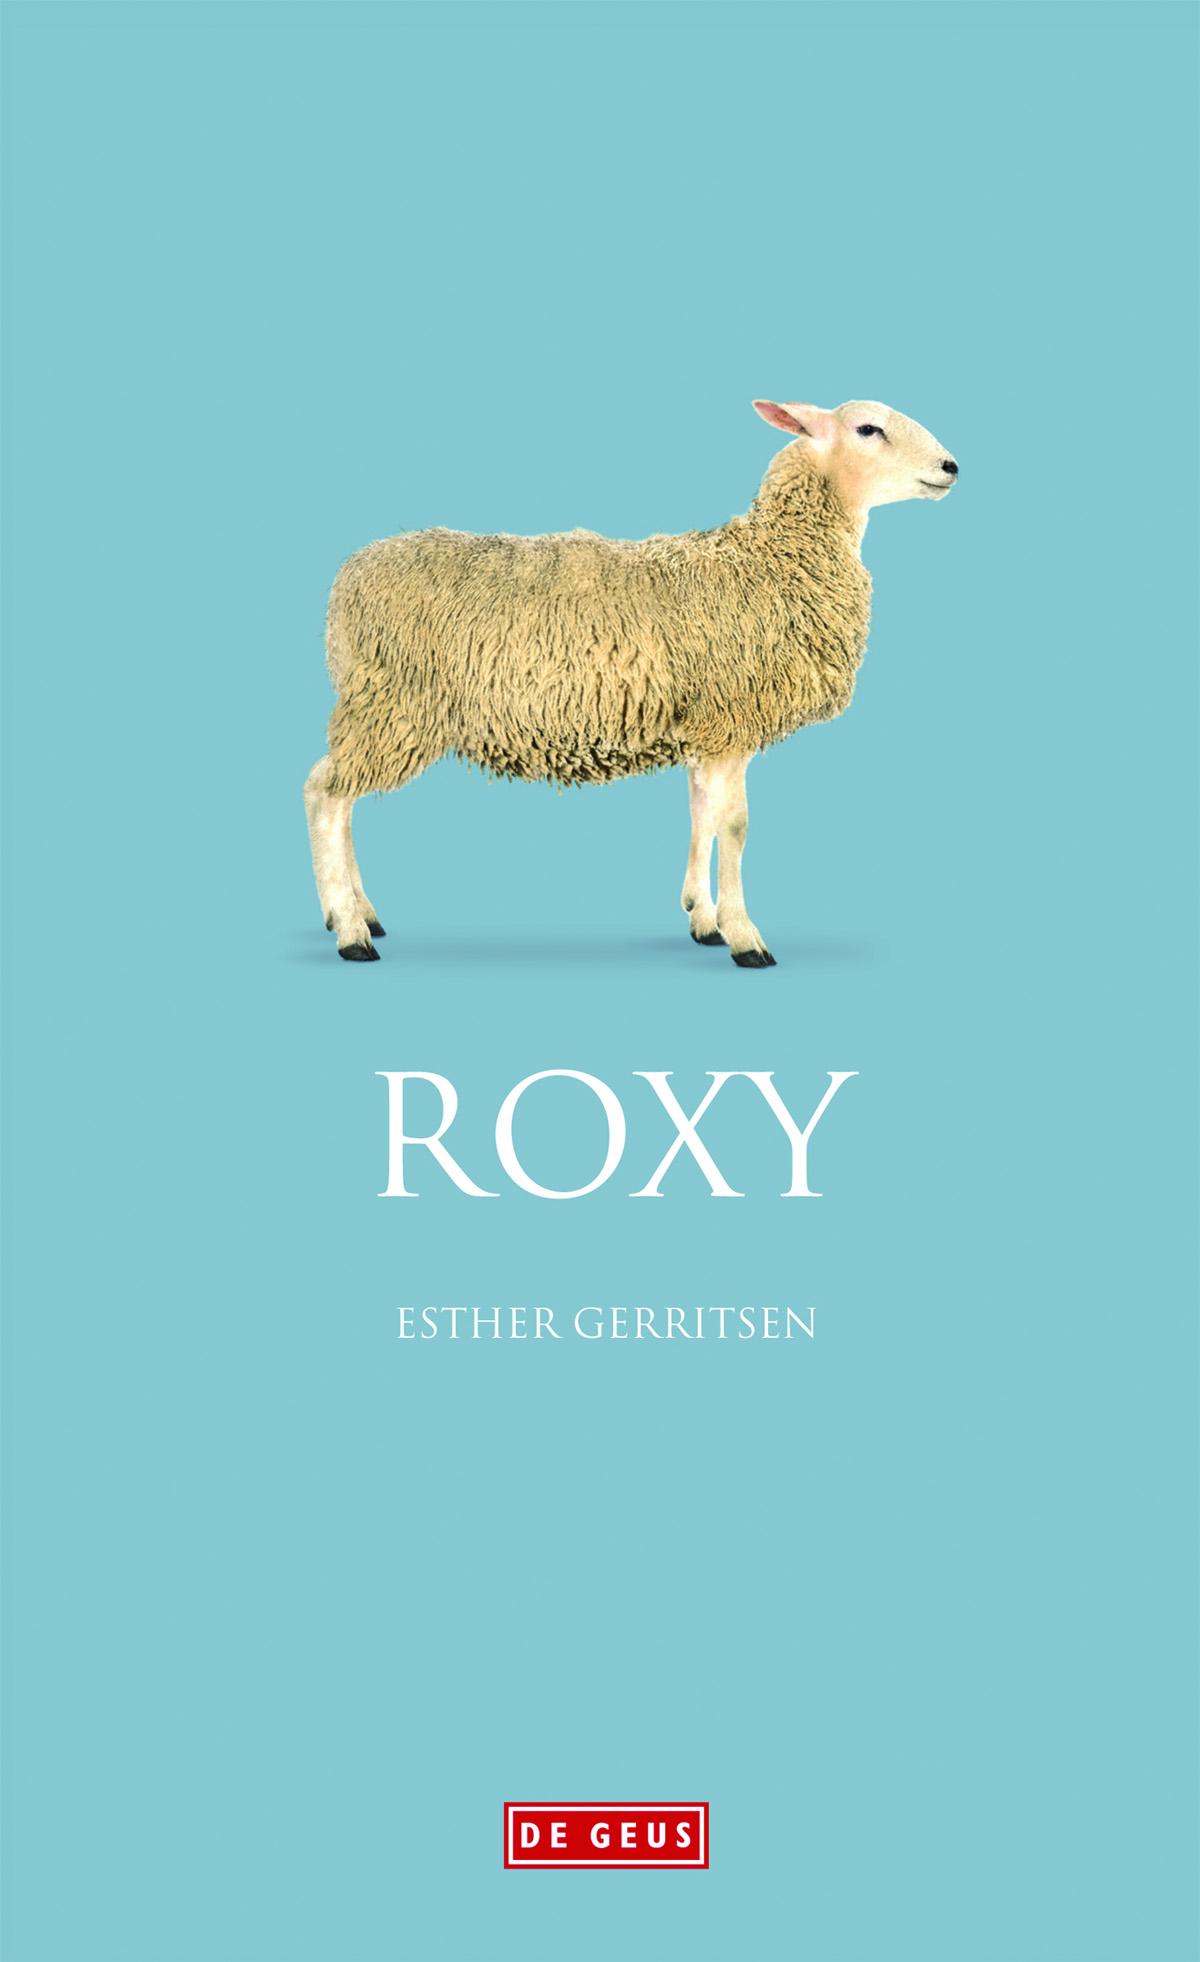 Roxy – Esther Gerritsen